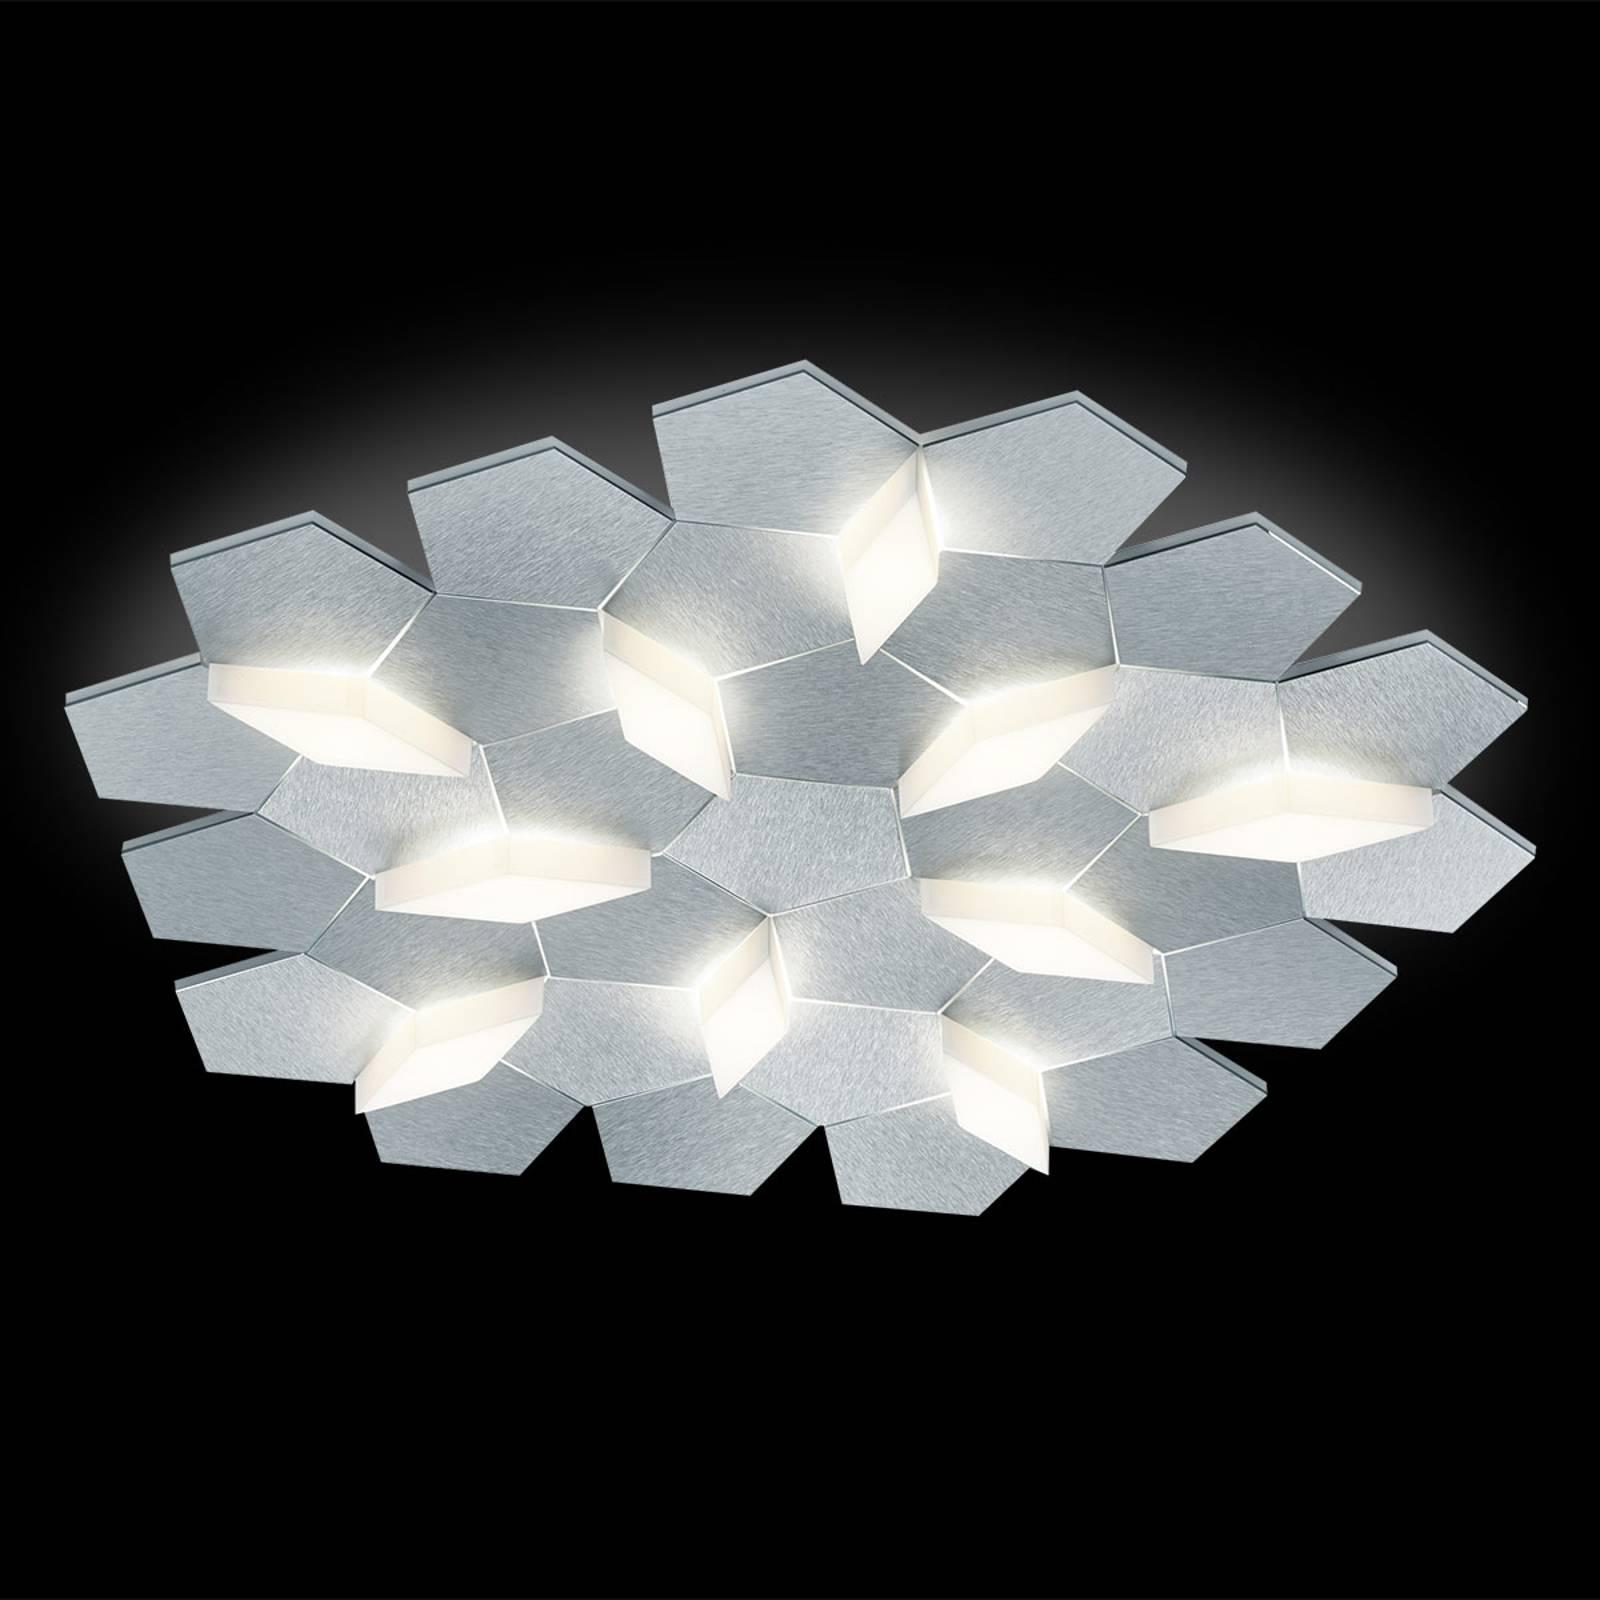 GROSSMANN Karat LED-kattovalaisin 10-lampp.